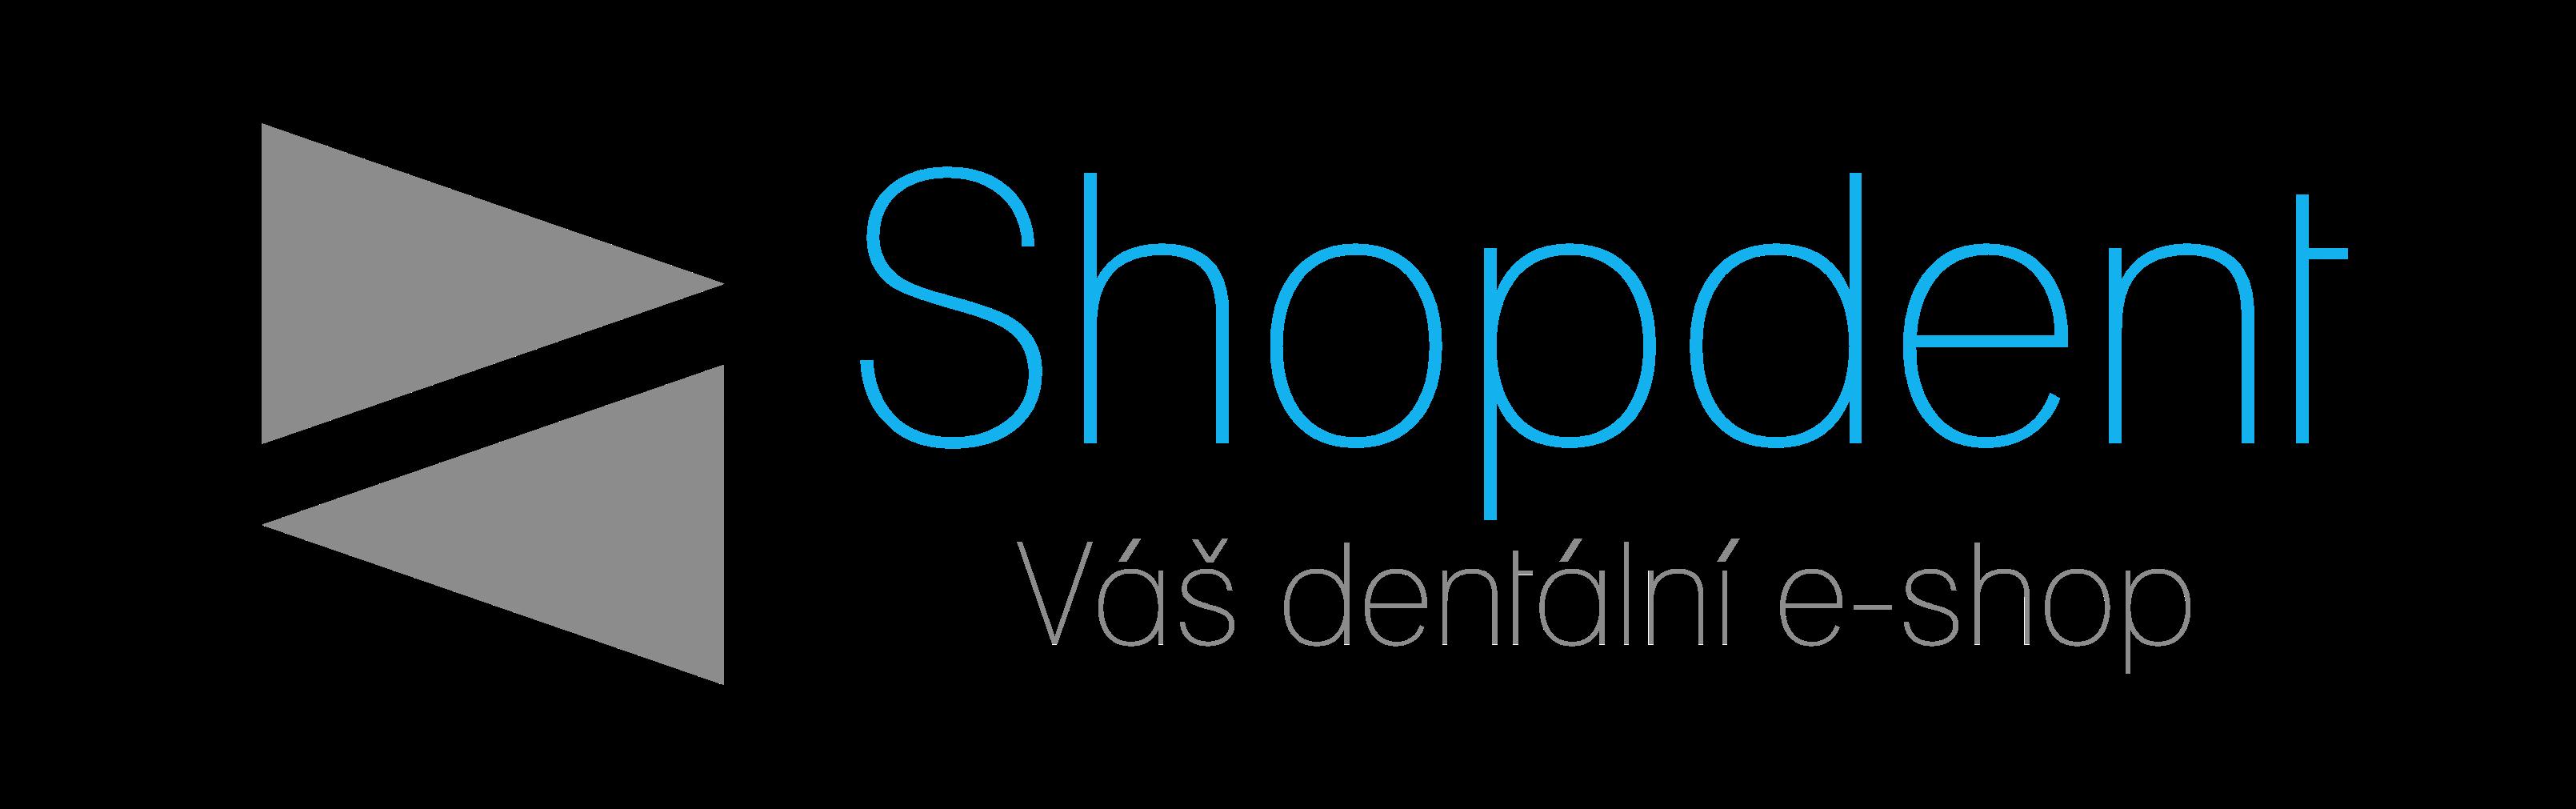 Shopdent